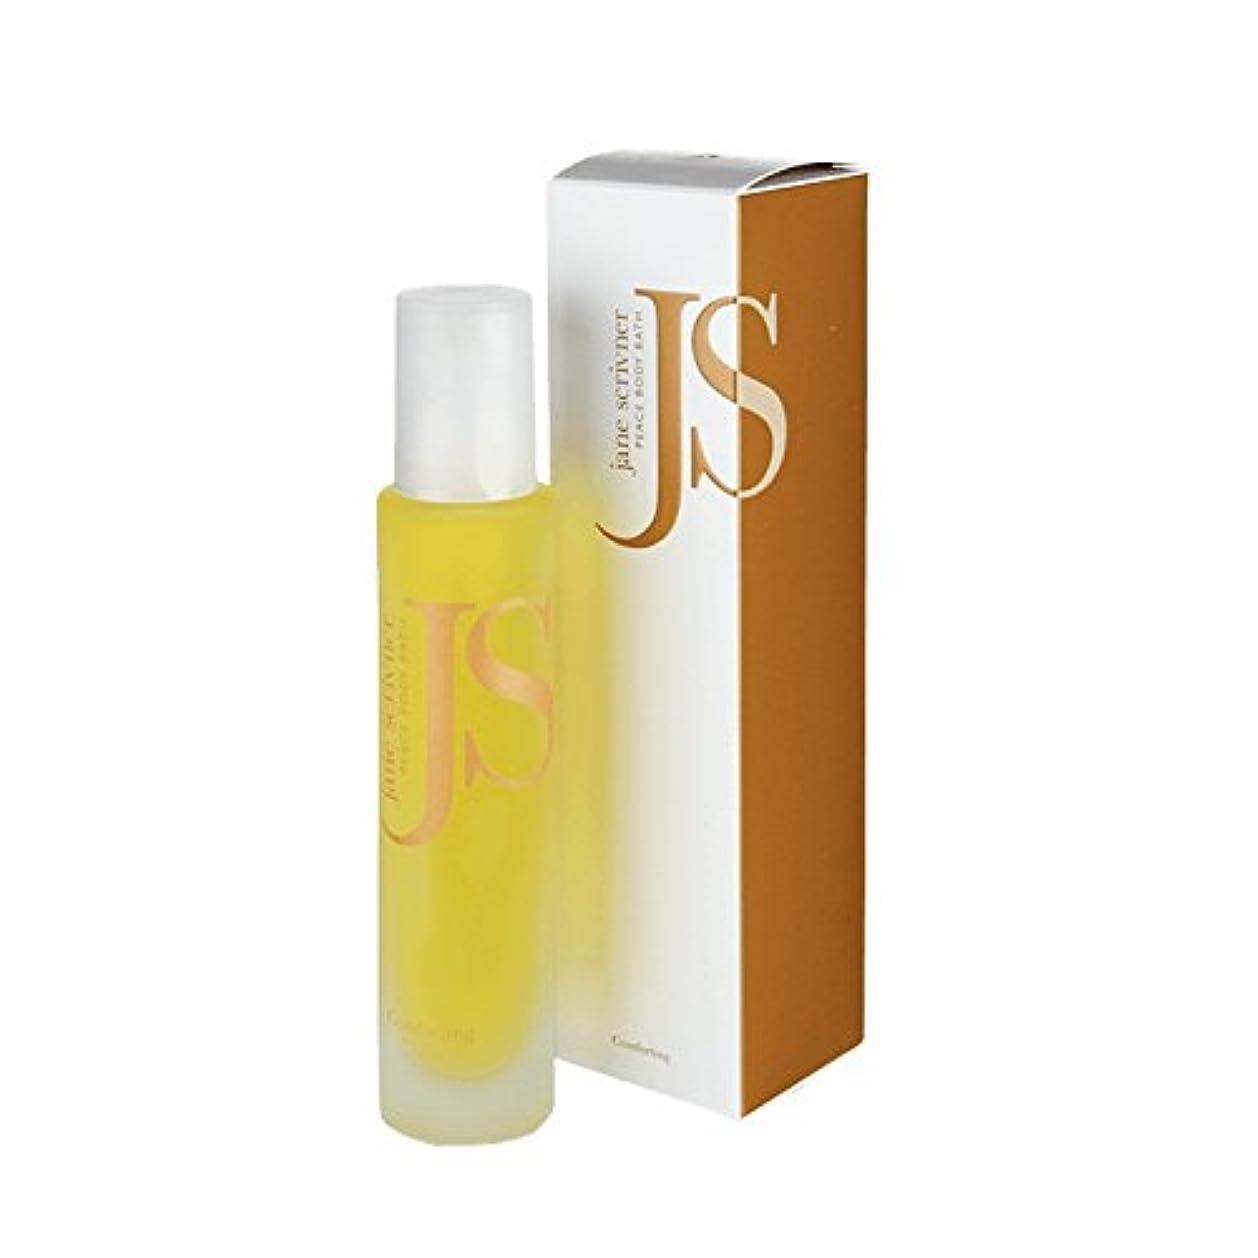 スペイン歩道伝染性Jane Scrivner Body Bath Oil Peace 100ml (Pack of 6) - ジェーンScrivnerボディバスオイル平和100ミリリットル (x6) [並行輸入品]